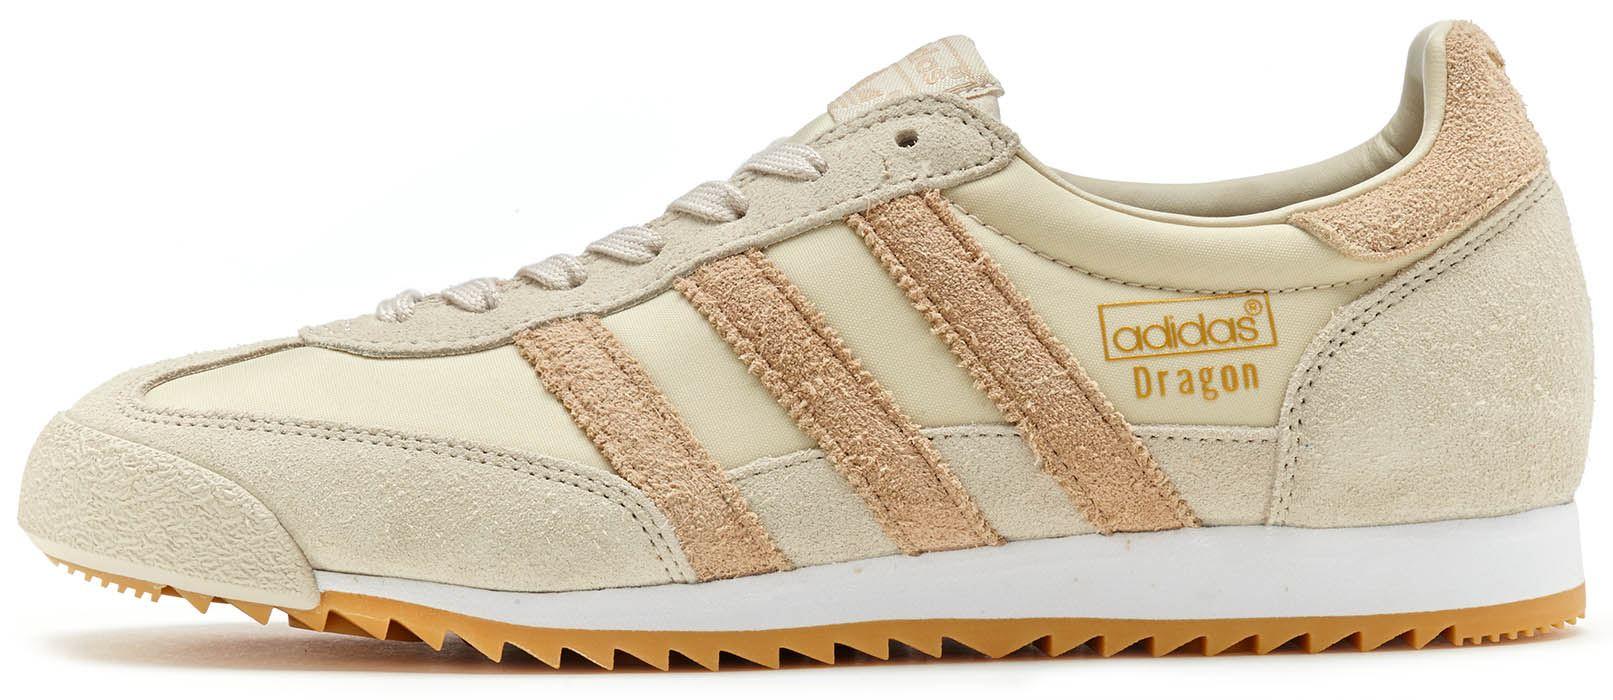 Adidas Originals Dragon Vintage Trainers en clara & Clay Marrón & Gum